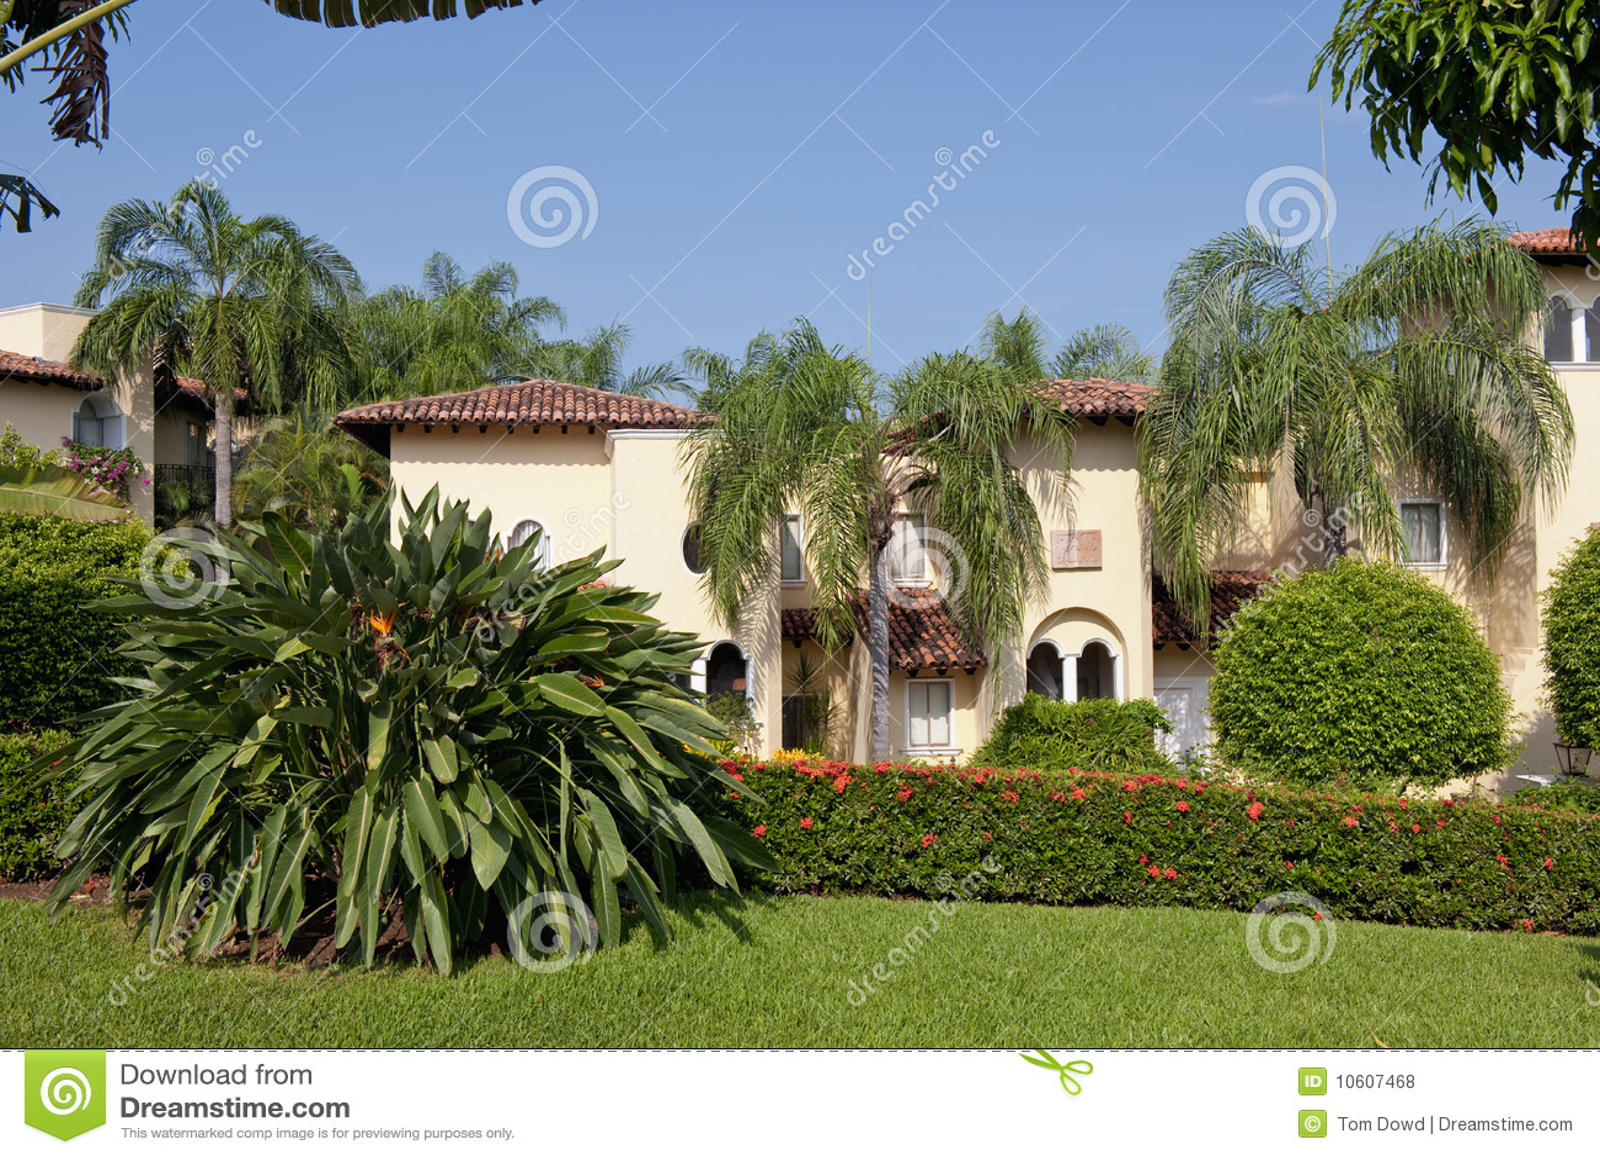 Villa With Garden Royalty Free Stock Photos Image 10607468